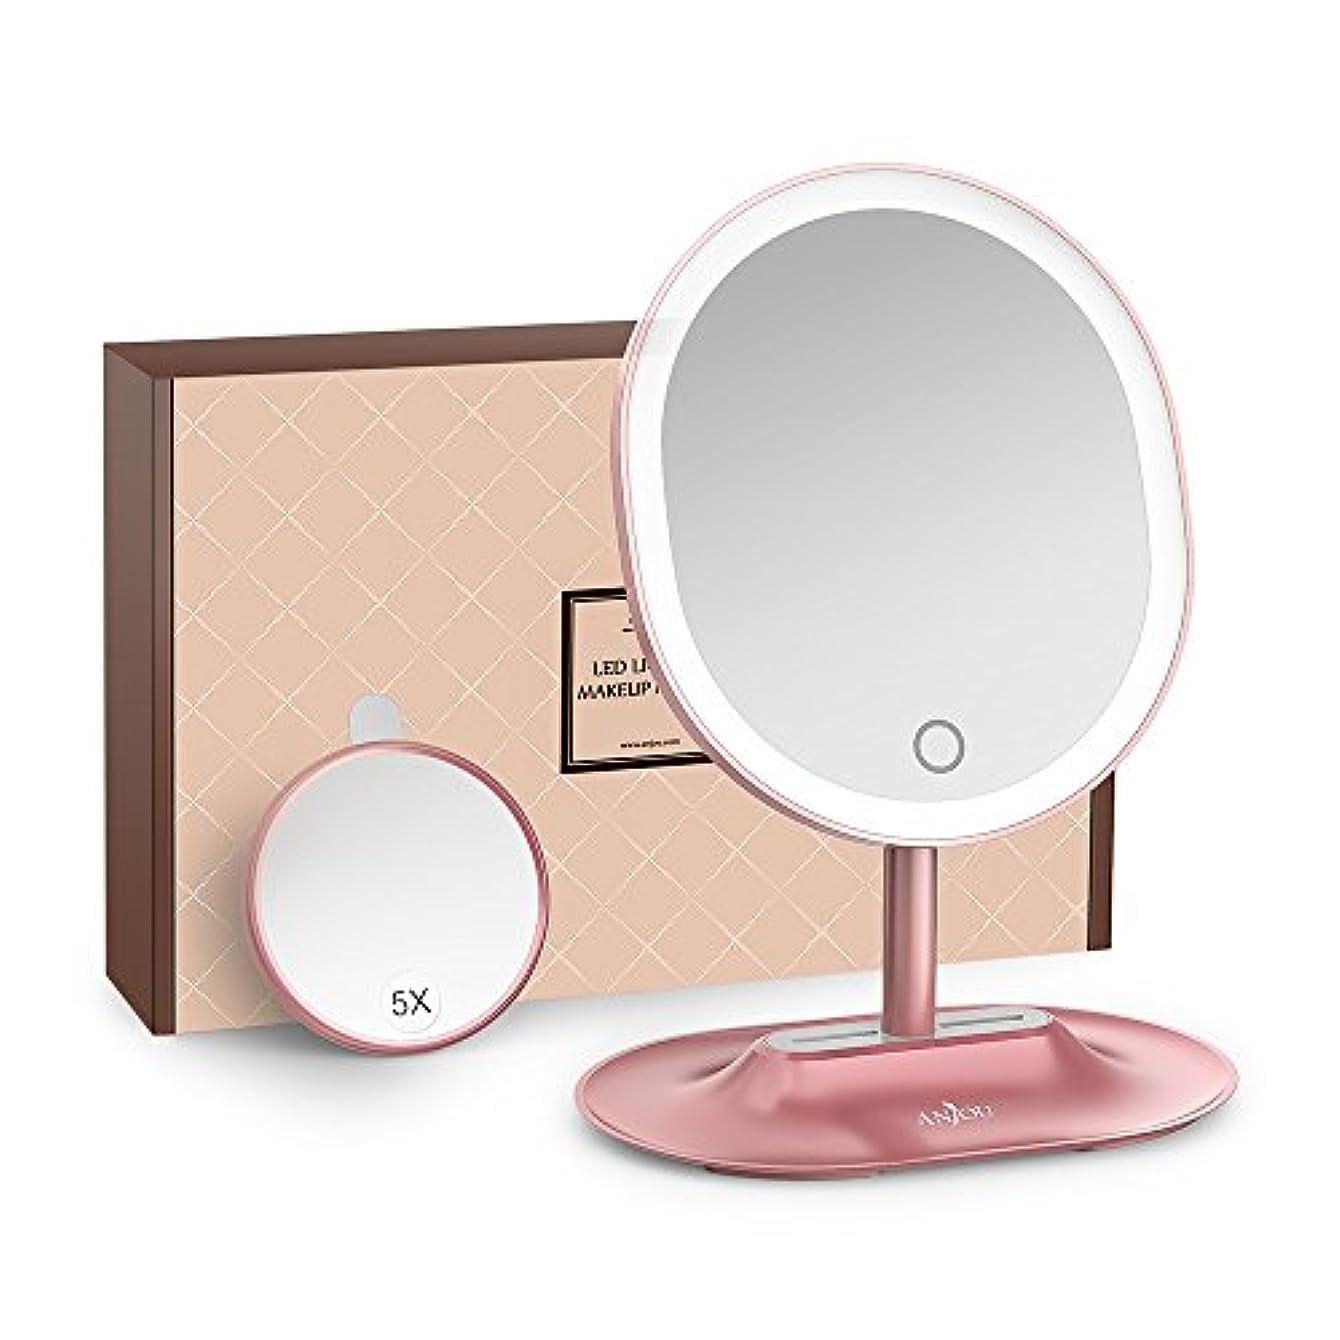 趣味発明写真を撮るAnjou 化粧ミラー LED 卓上 5倍 拡大鏡 タッチパネル 明るさ調節可 メイク スタンドミラー 120度回転 USB充電 トレー付 (ローズゴールド) AJ-MTA005